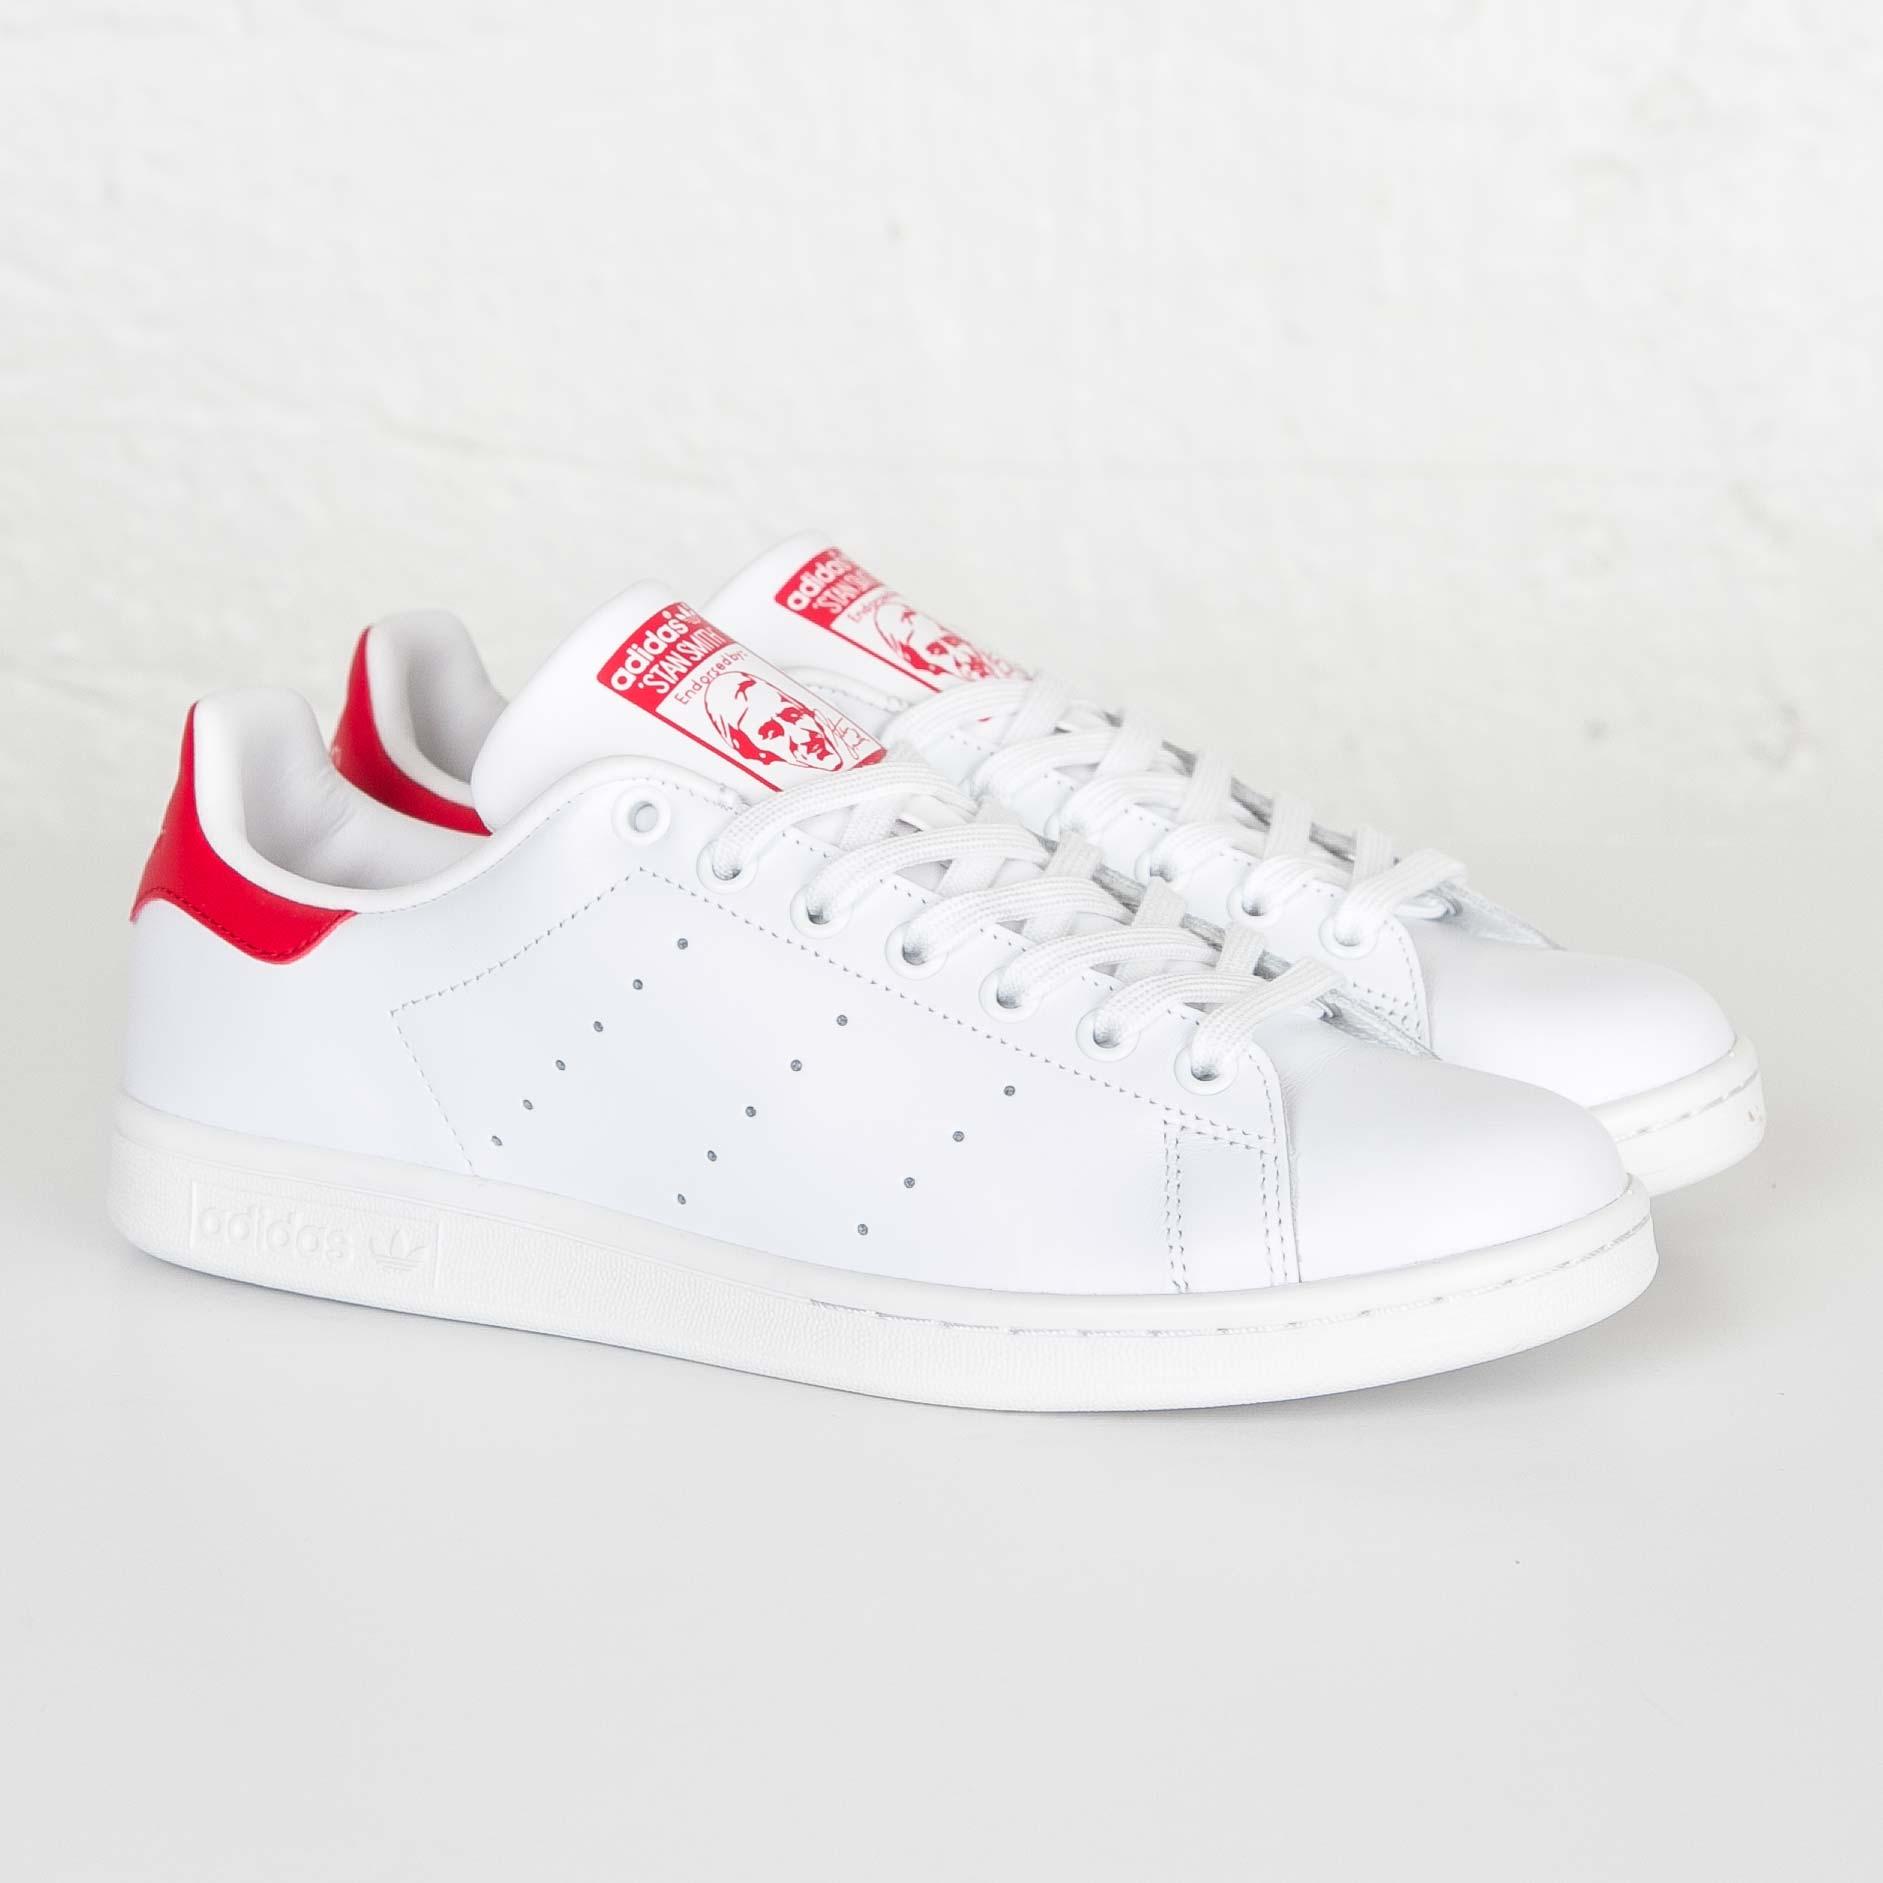 adidas stan smith m20326 sneakersnstuff scarpe & streetwear